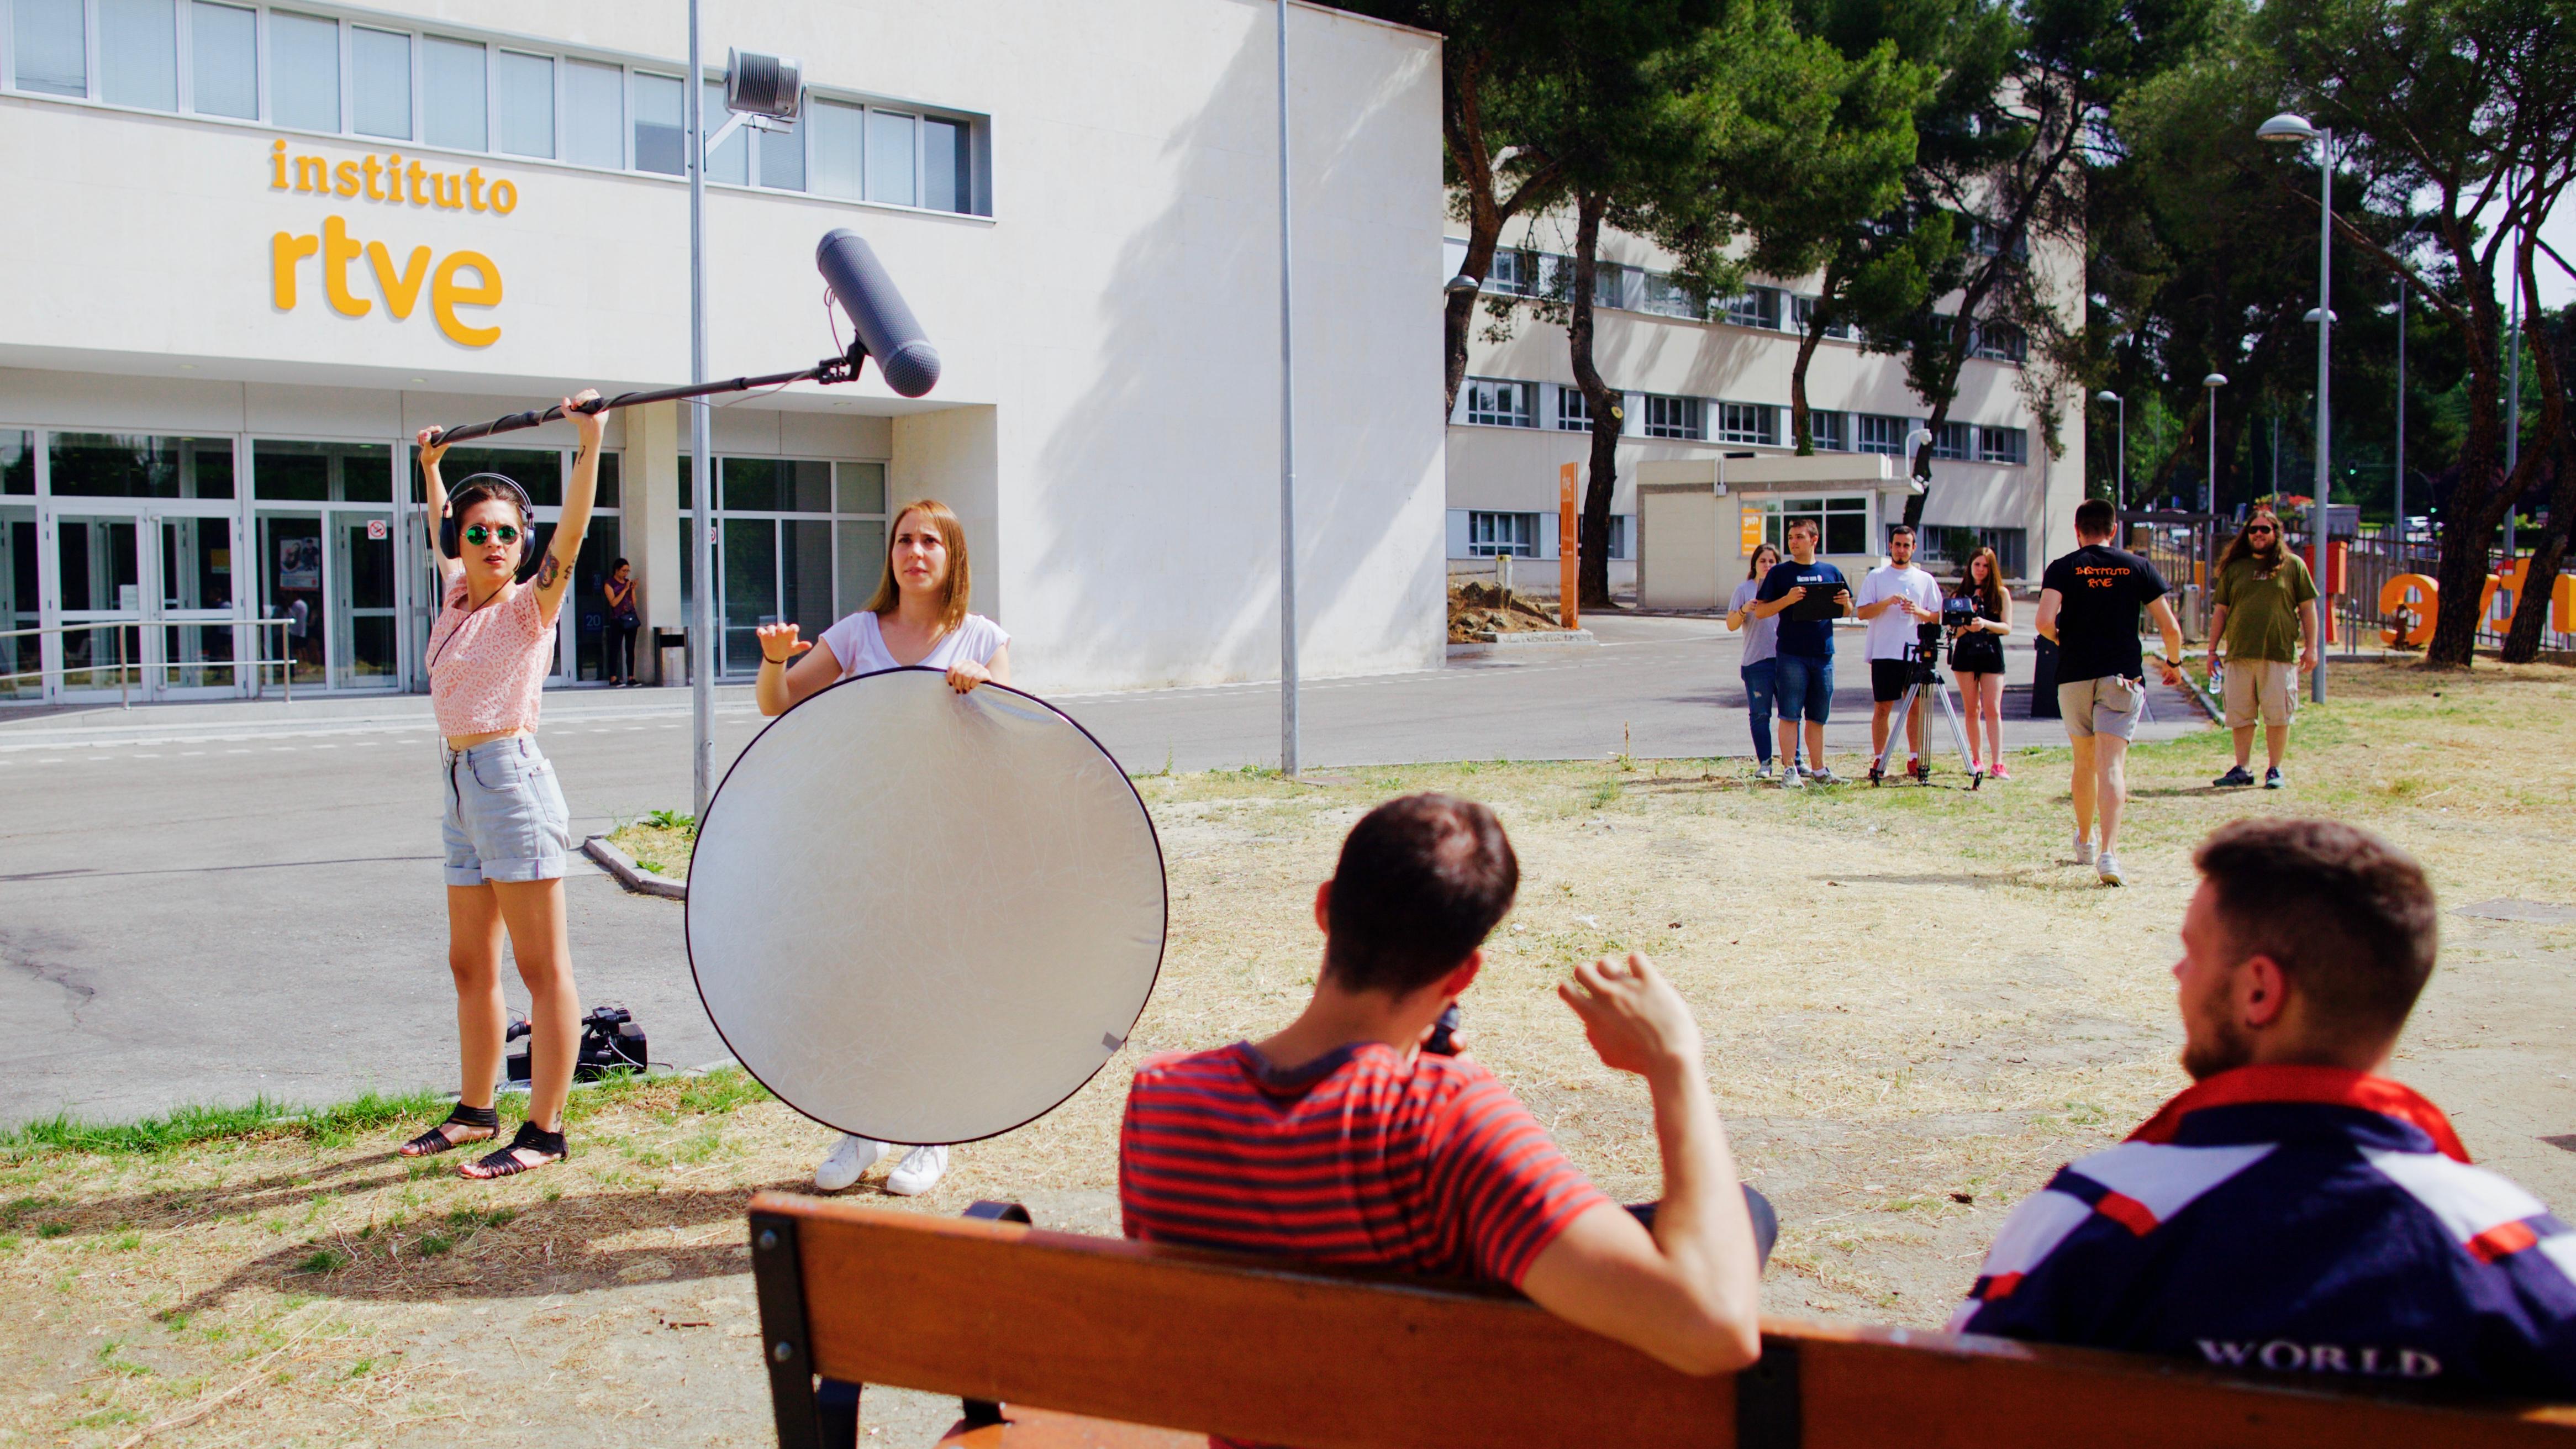 Persiguiendo un sueño Instituto RTVE